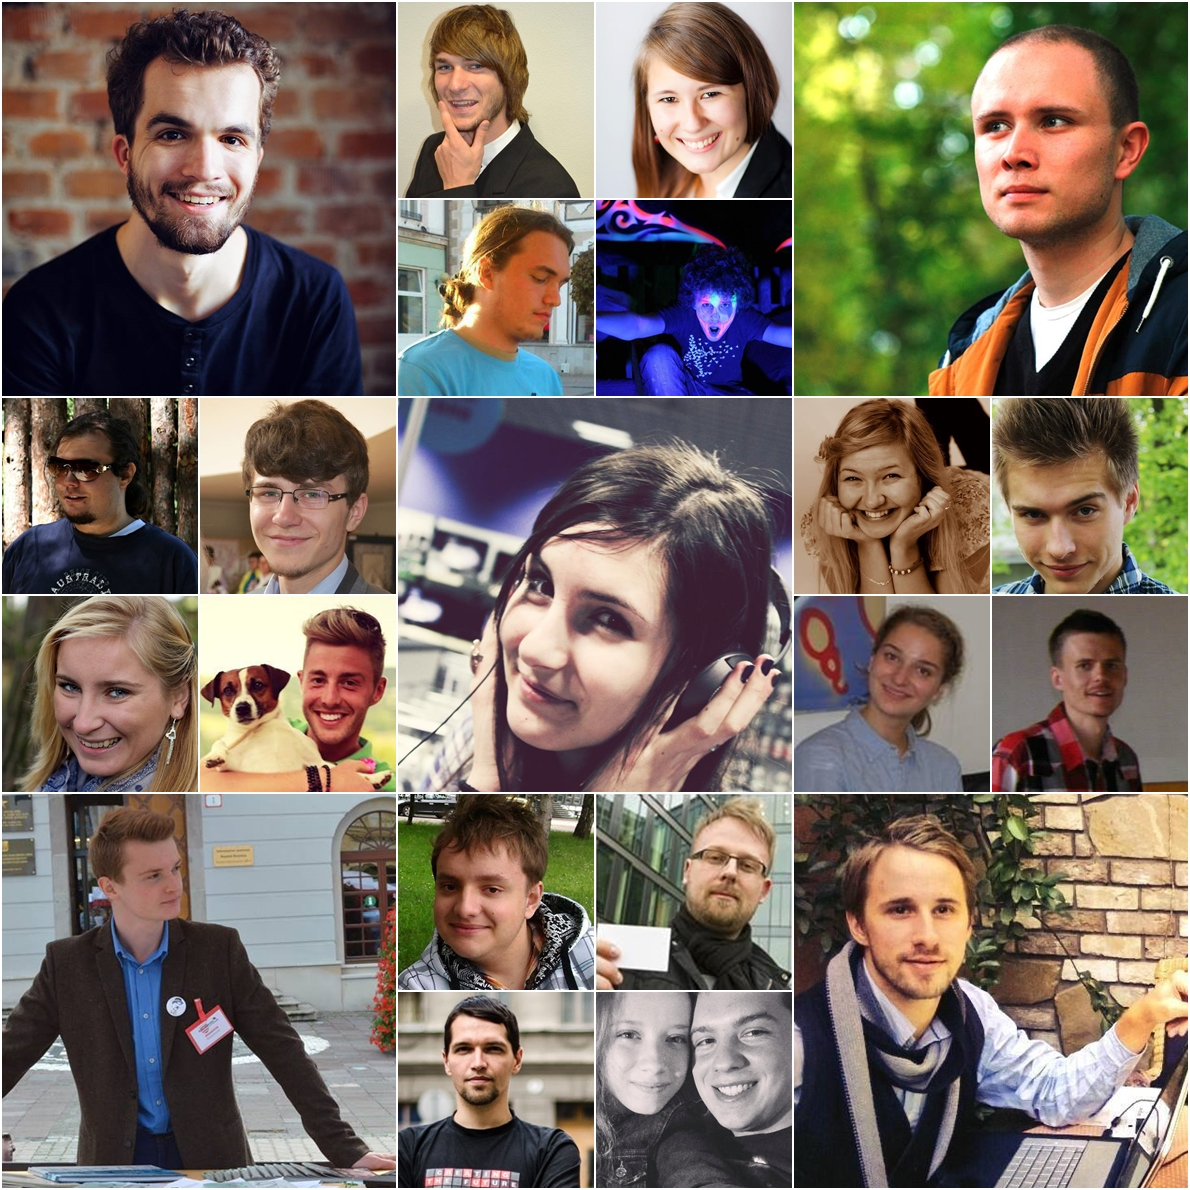 20 + 1 inšpiratívnych mladých ľudí, kt sa oplatí spoznať!